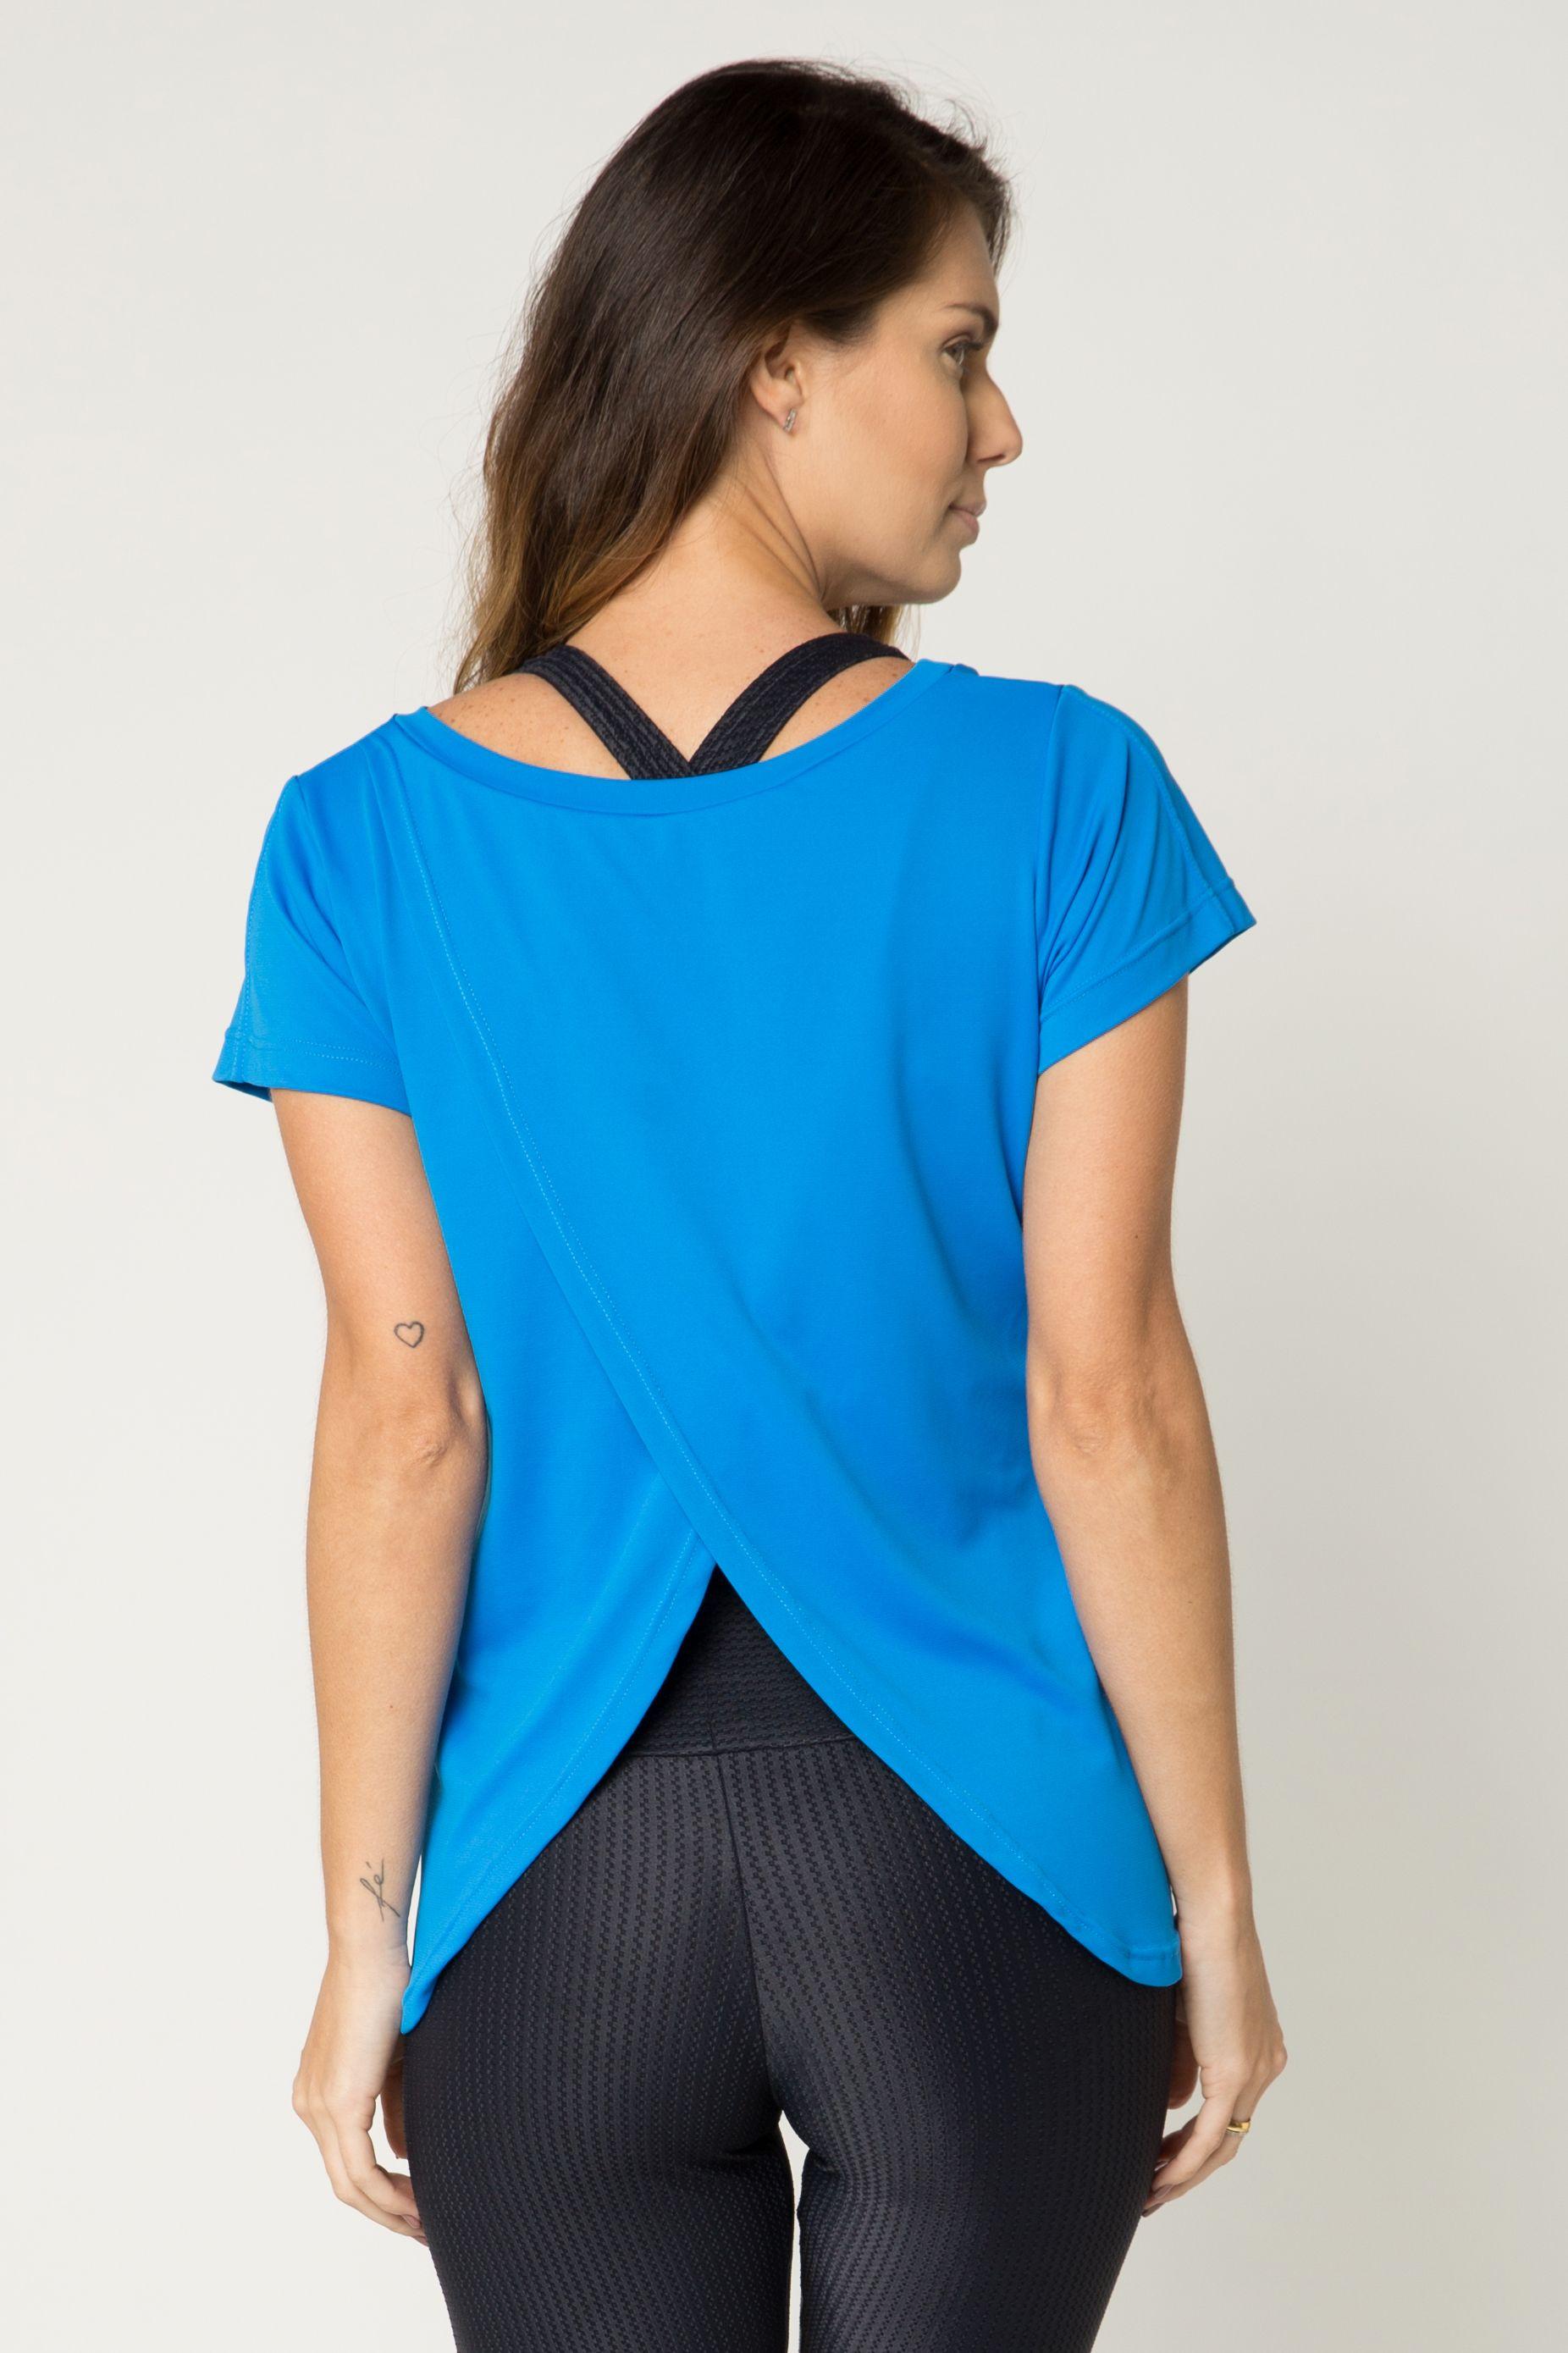 d0d41f51f Nossa camiseta fitness costas transpassadas azul é feita em tecido  confortável, maleável e com toque